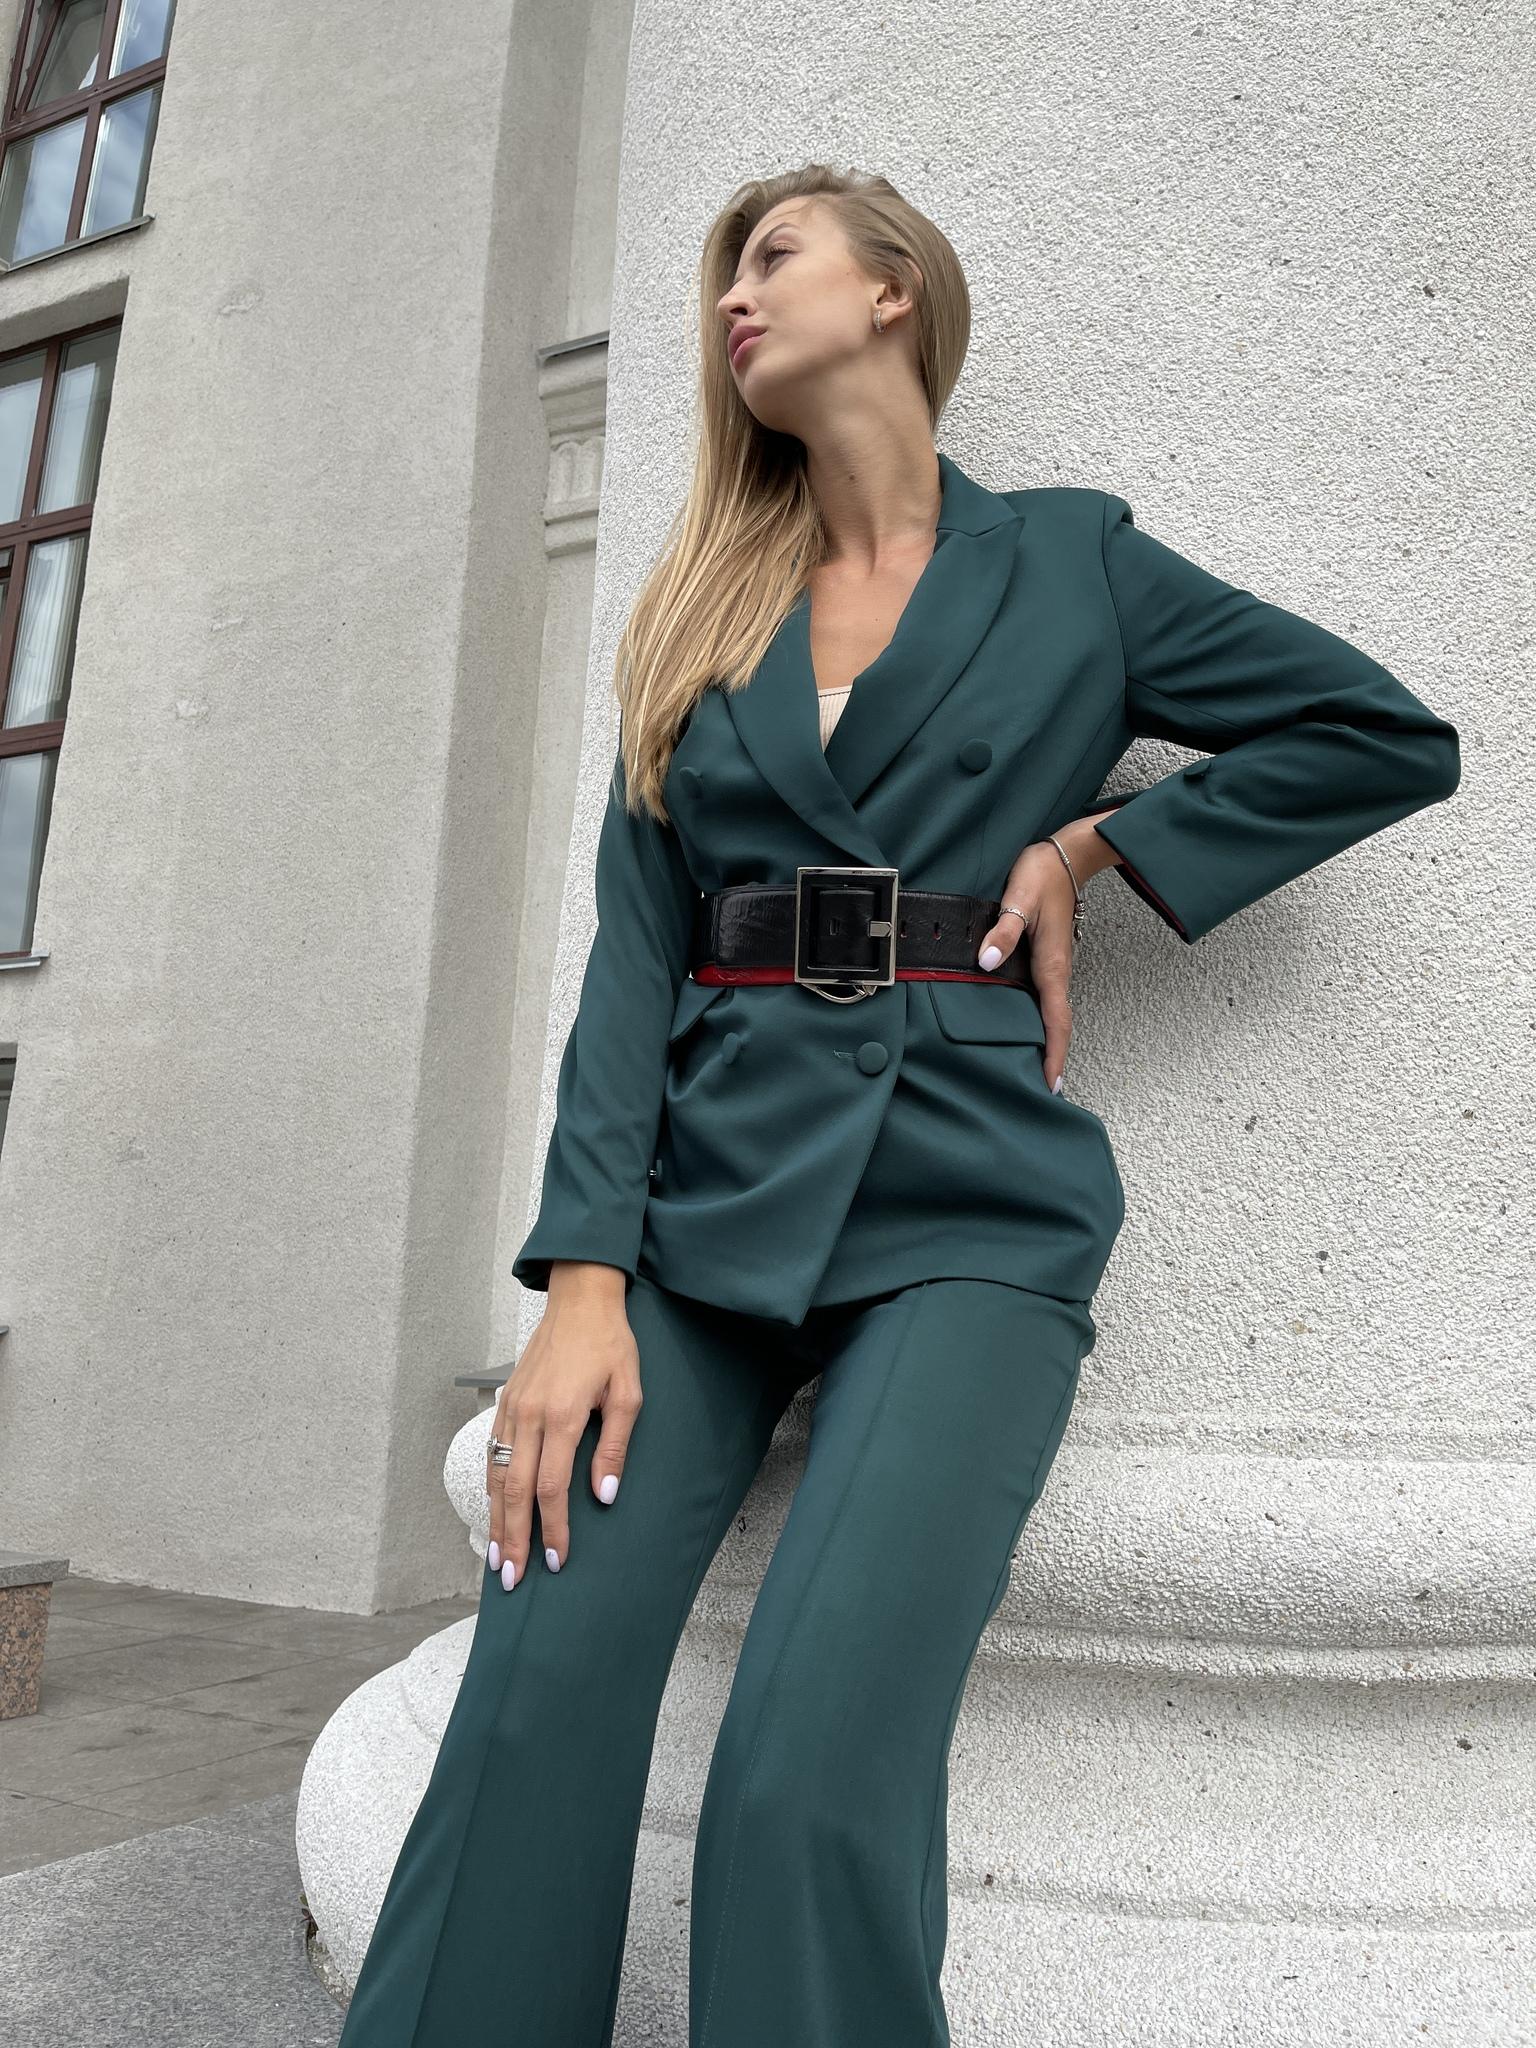 брюки для женщины